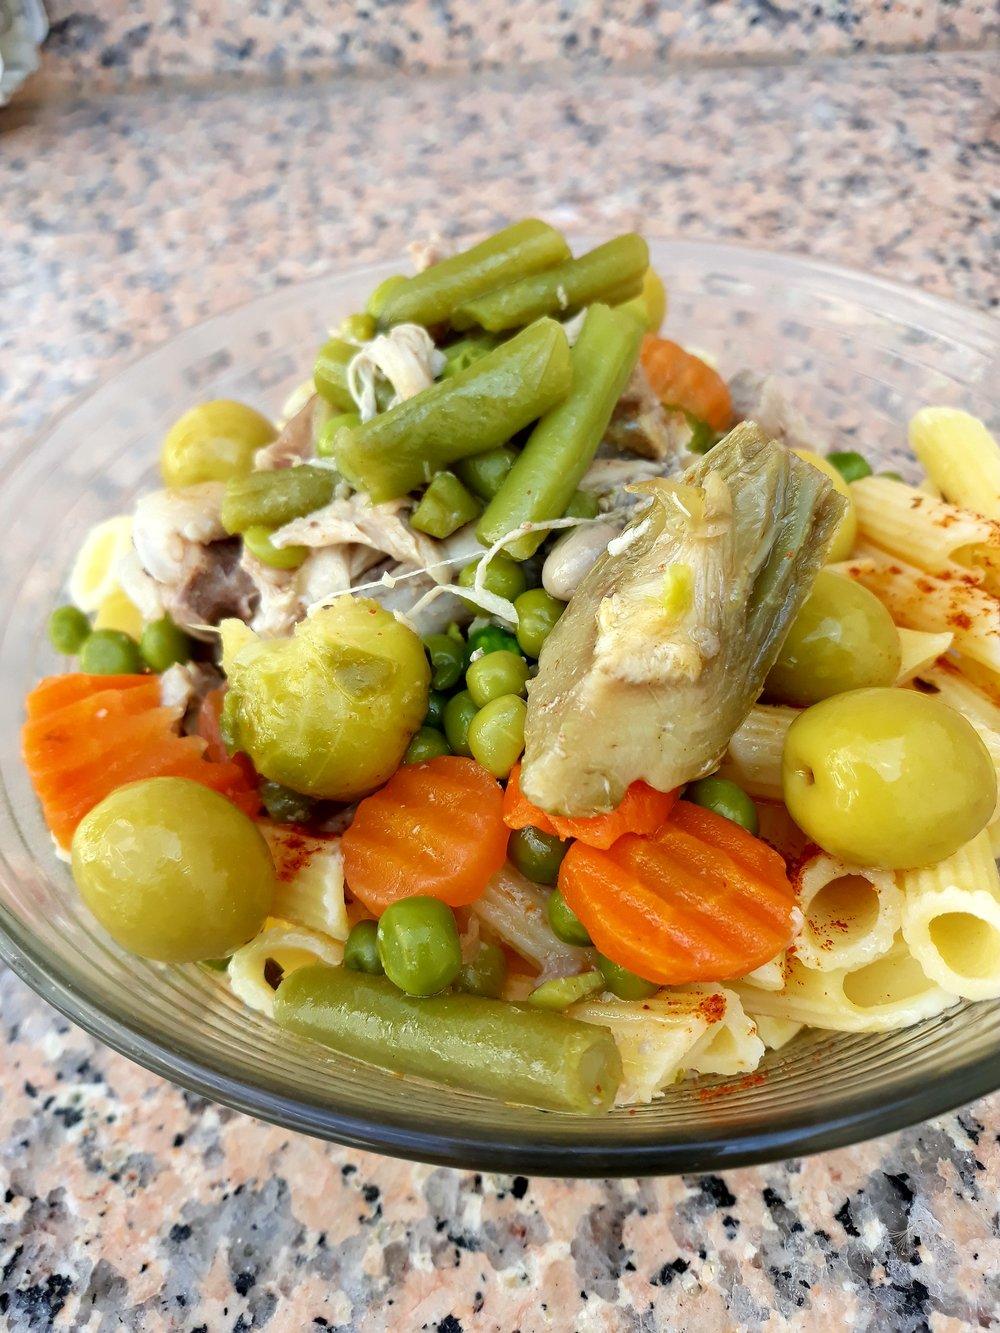 Cocido de verduras con pollo encima de pasta libre de gluten